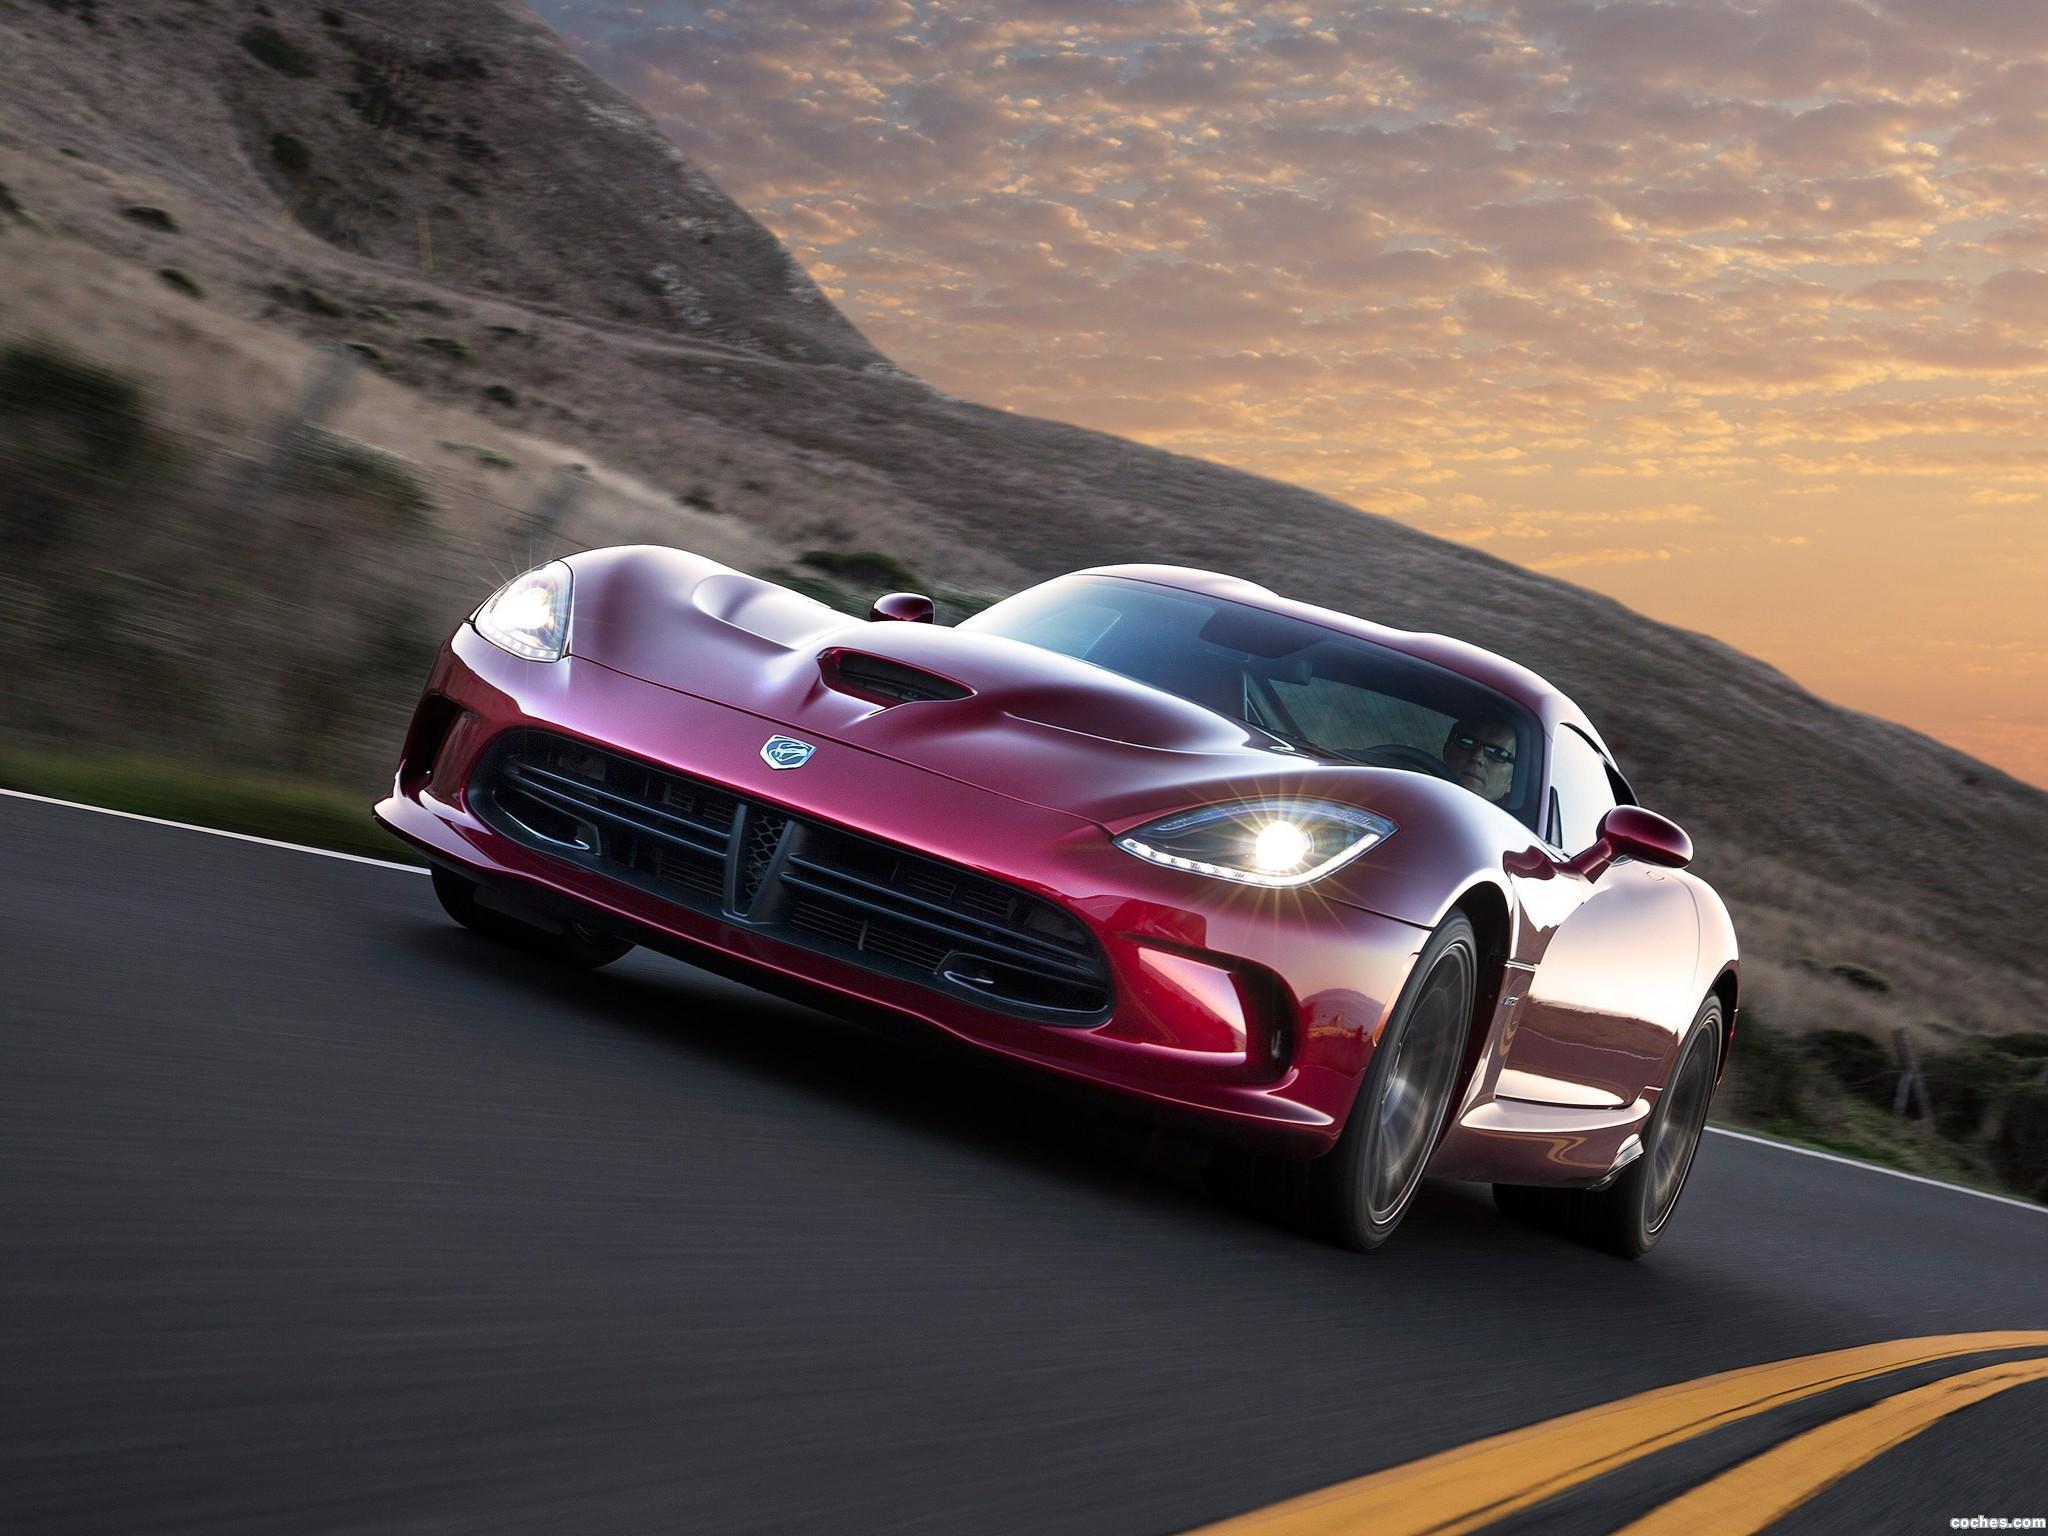 Foto 0 de Dodge Viper SRT GTS 2012